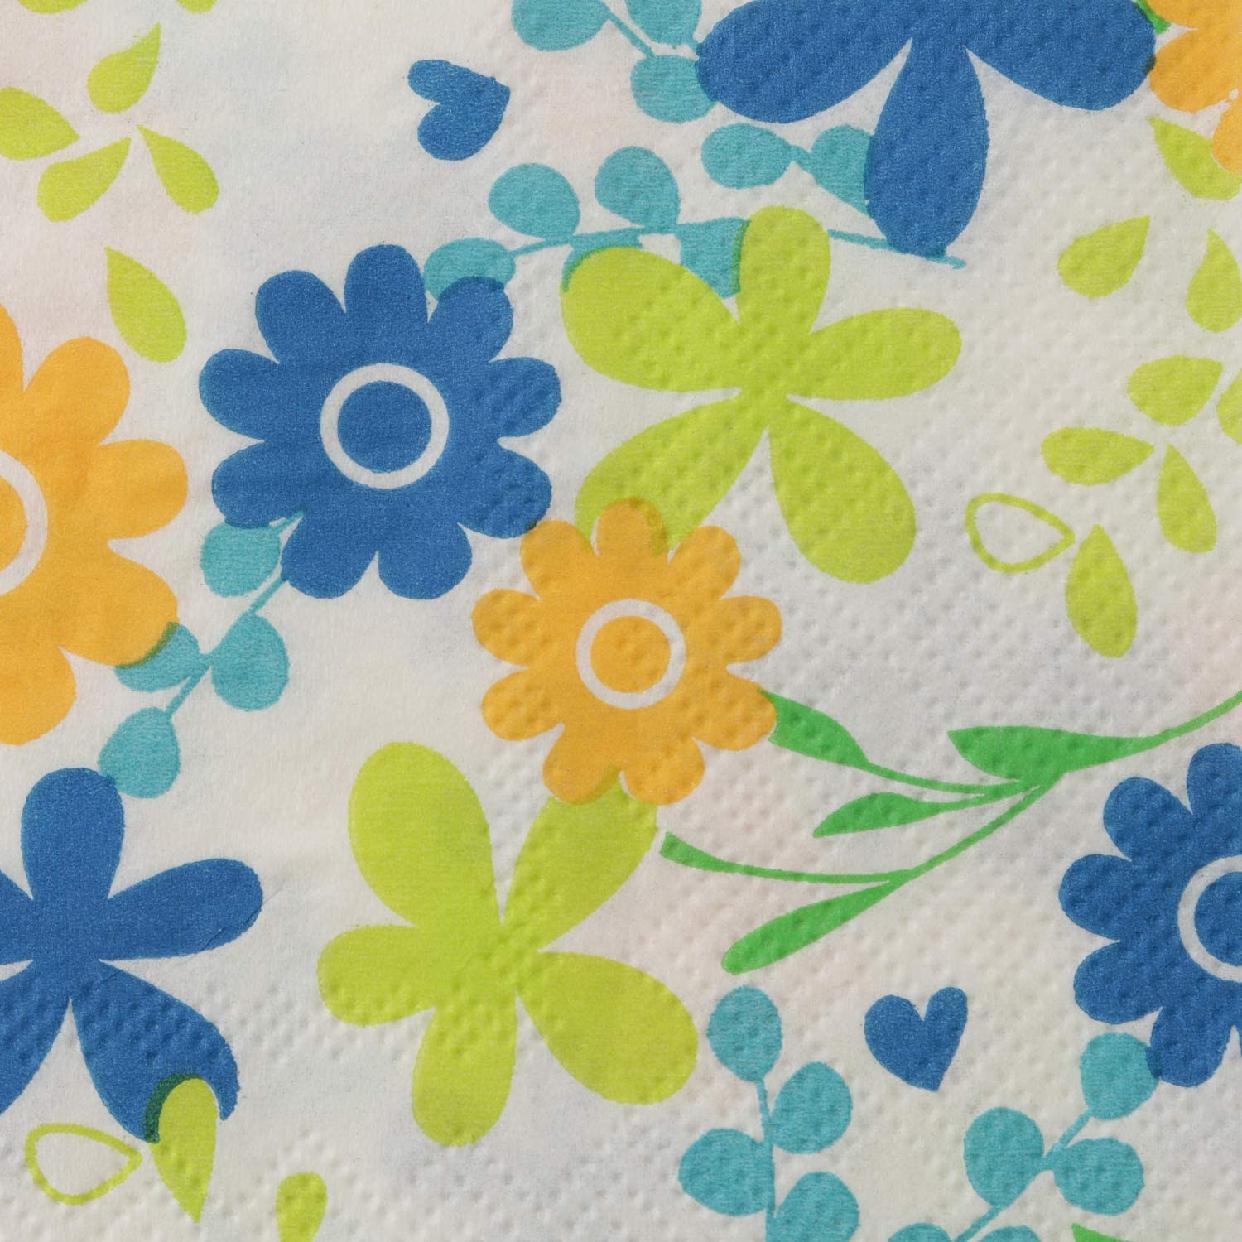 STRIX DESIGN(ストリックスデザイン) 紙ナプキン フラワースタイルの商品画像6